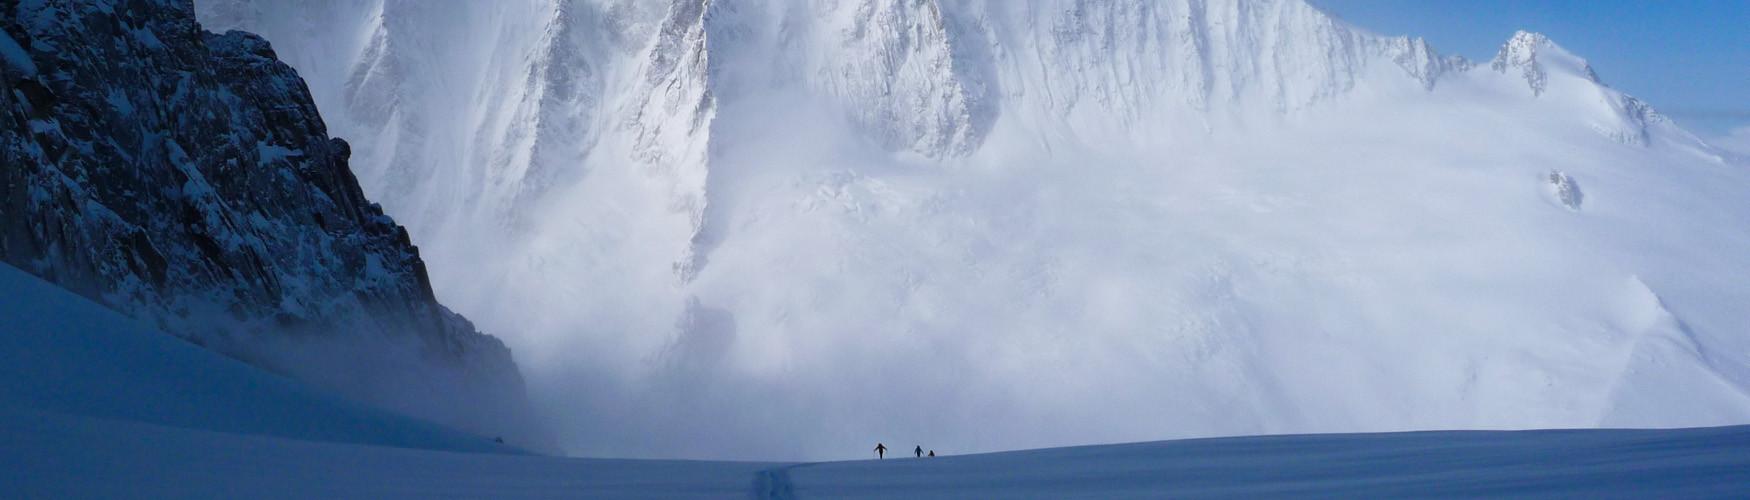 Skiduruchquerung Haute Route